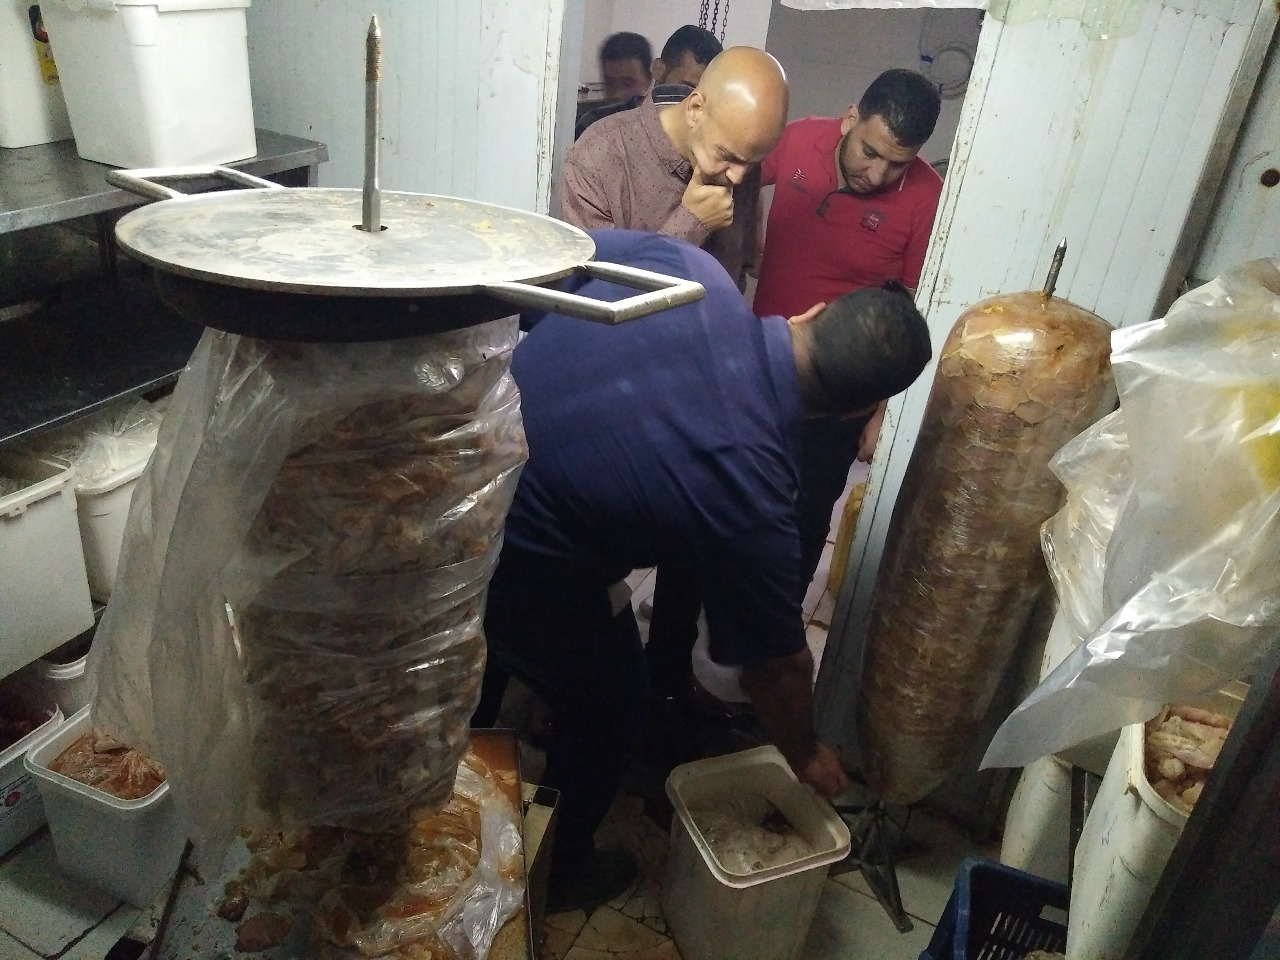 صورة إعدام 700 كيلو أغذية وغلق مطعمين بالزقازيق